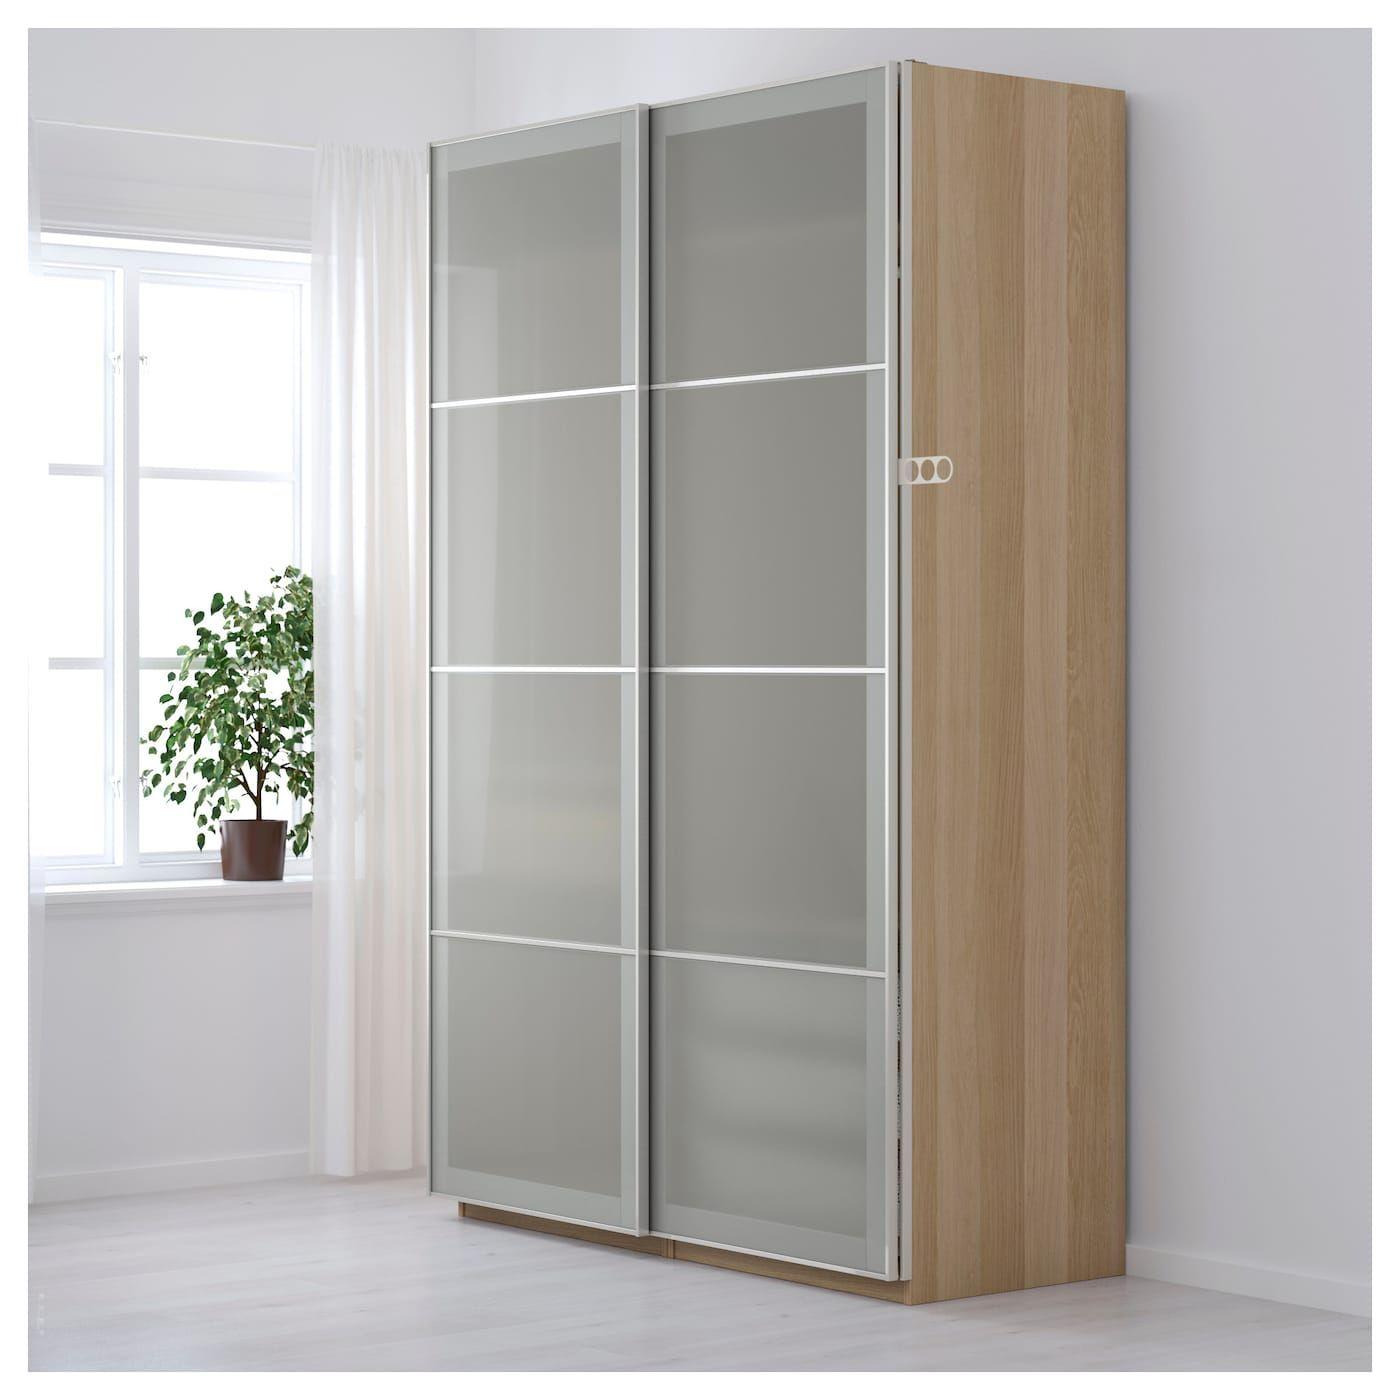 Pax Kleiderschrank Eicheneff Wlas Sekken Frostglas Ikea